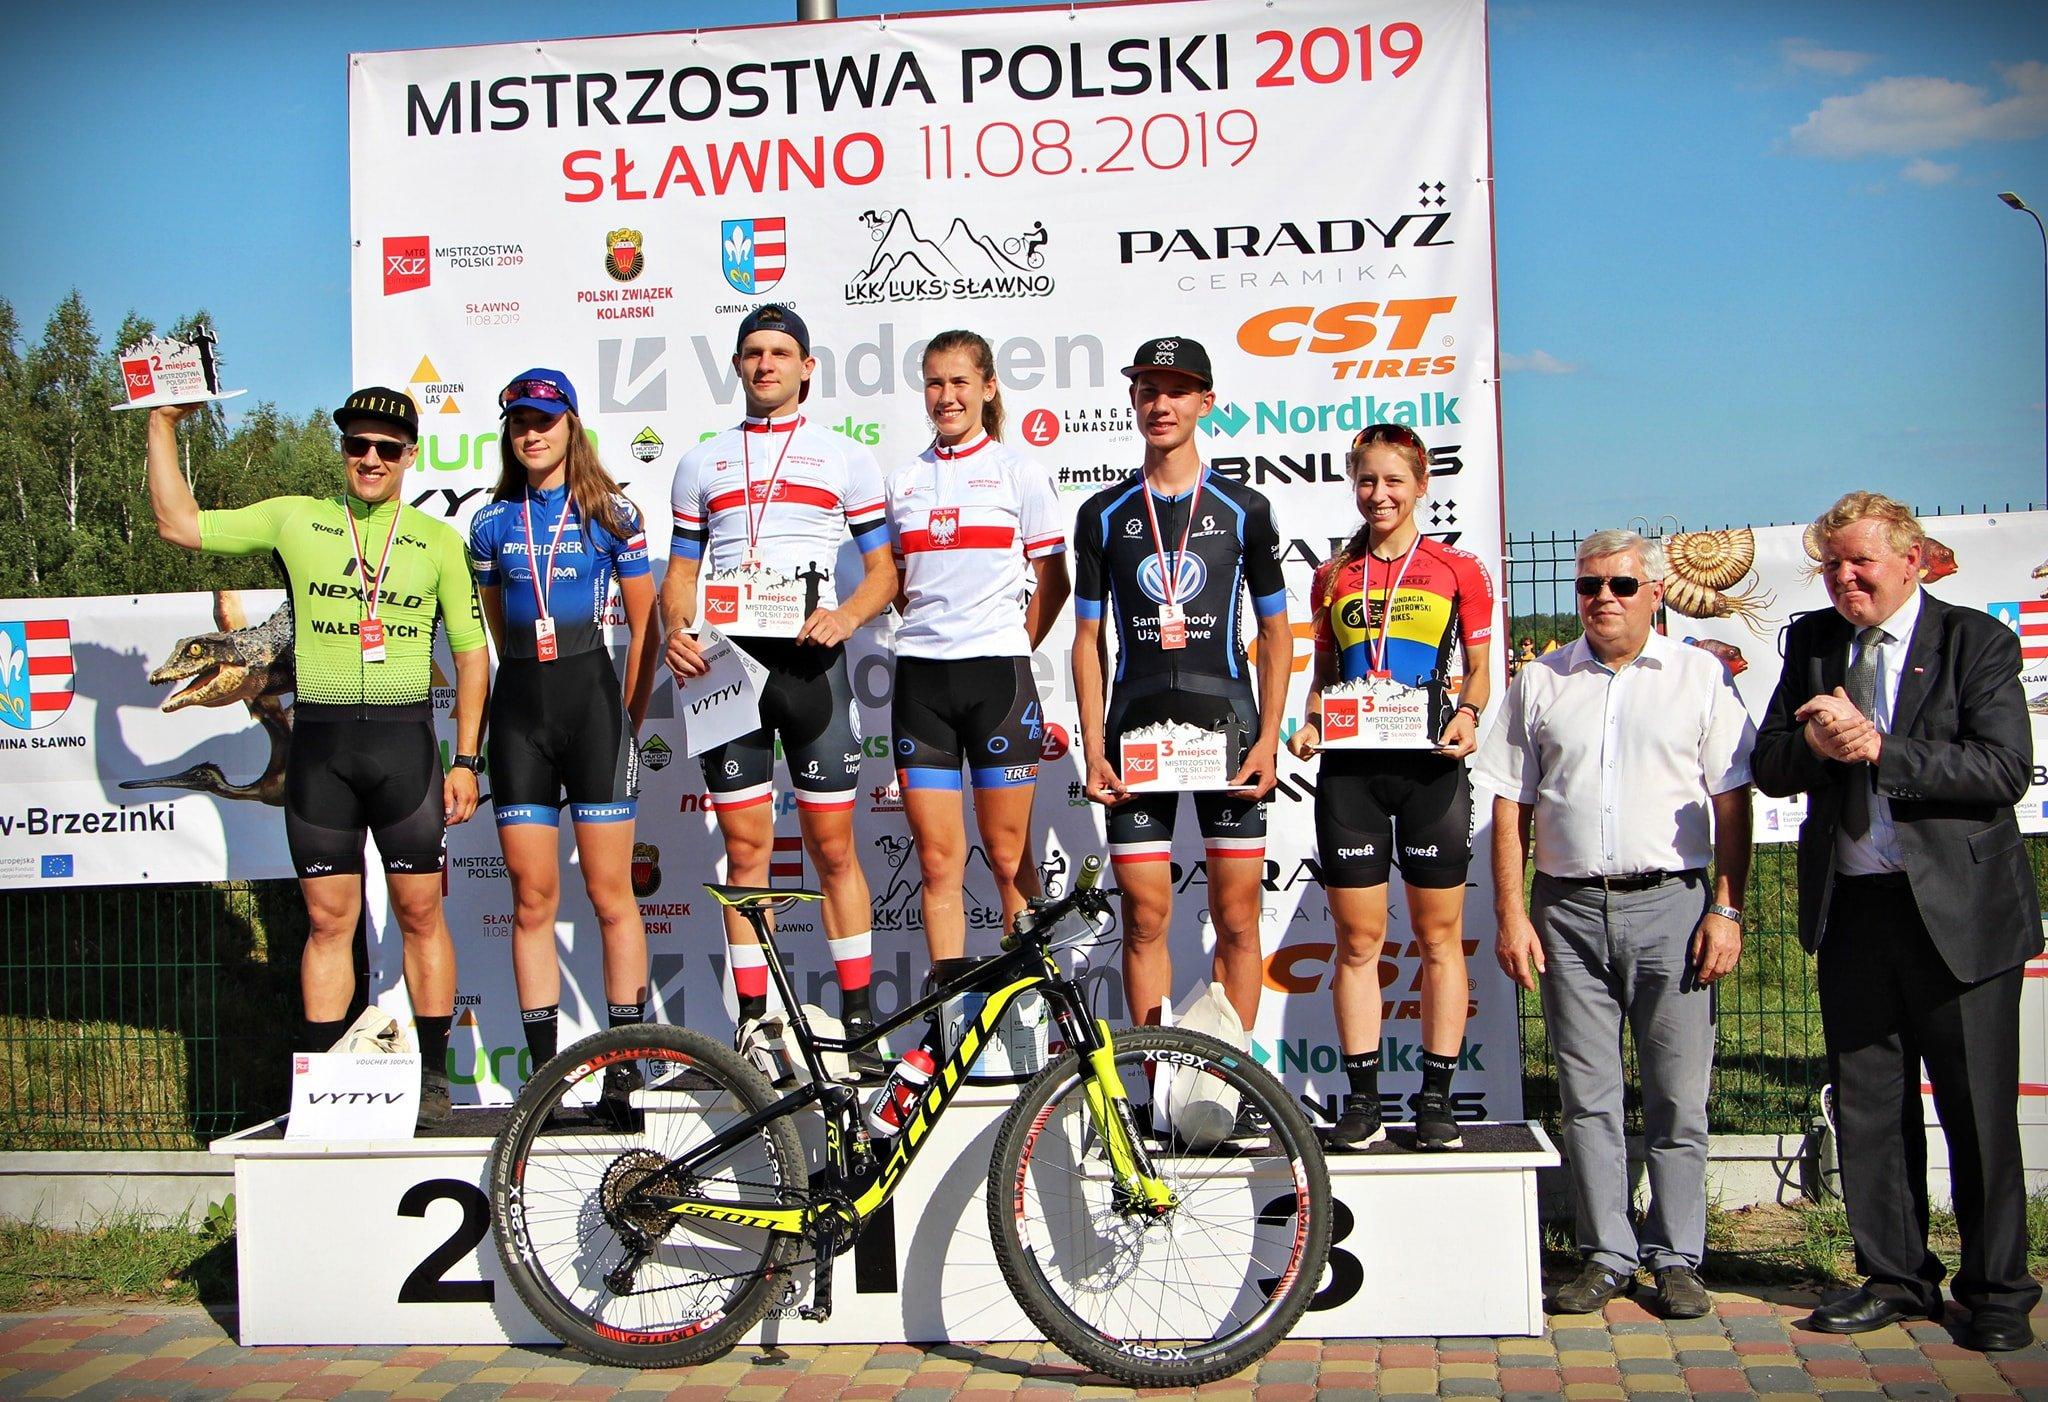 Mistrzostwa Polski MTB Eliminator: Nowak i Hudyka najszybsi